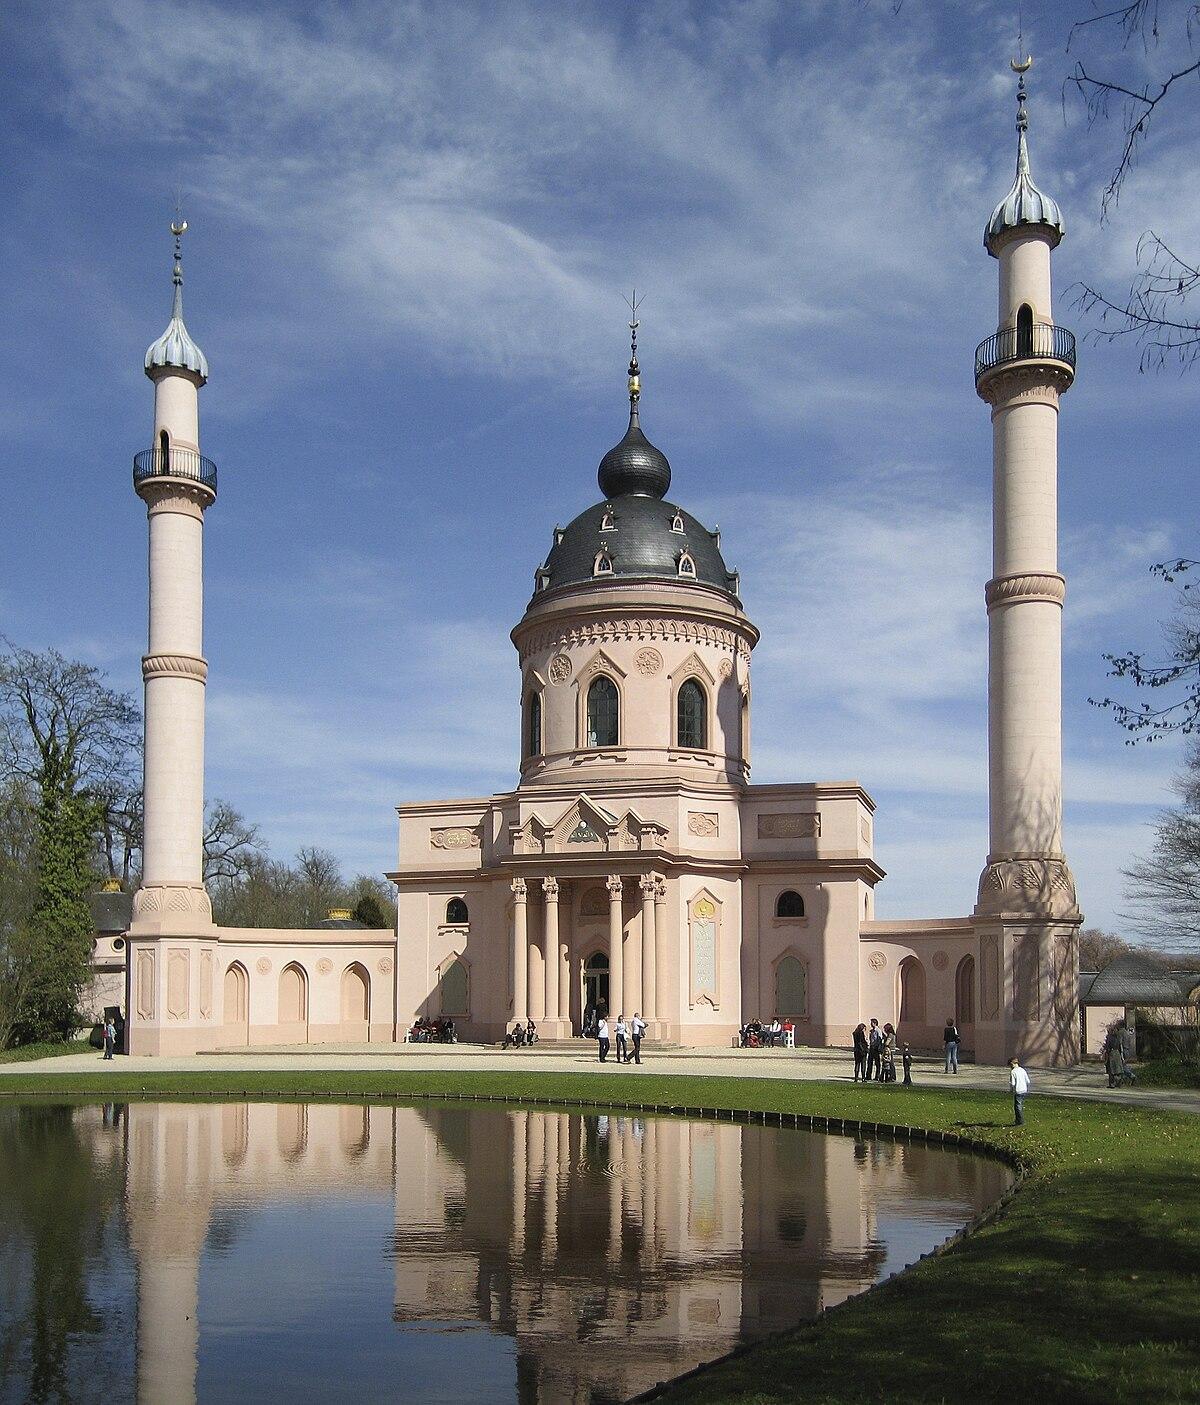 Moschee im Schwetzinger Schlossgarten – Wikipedia